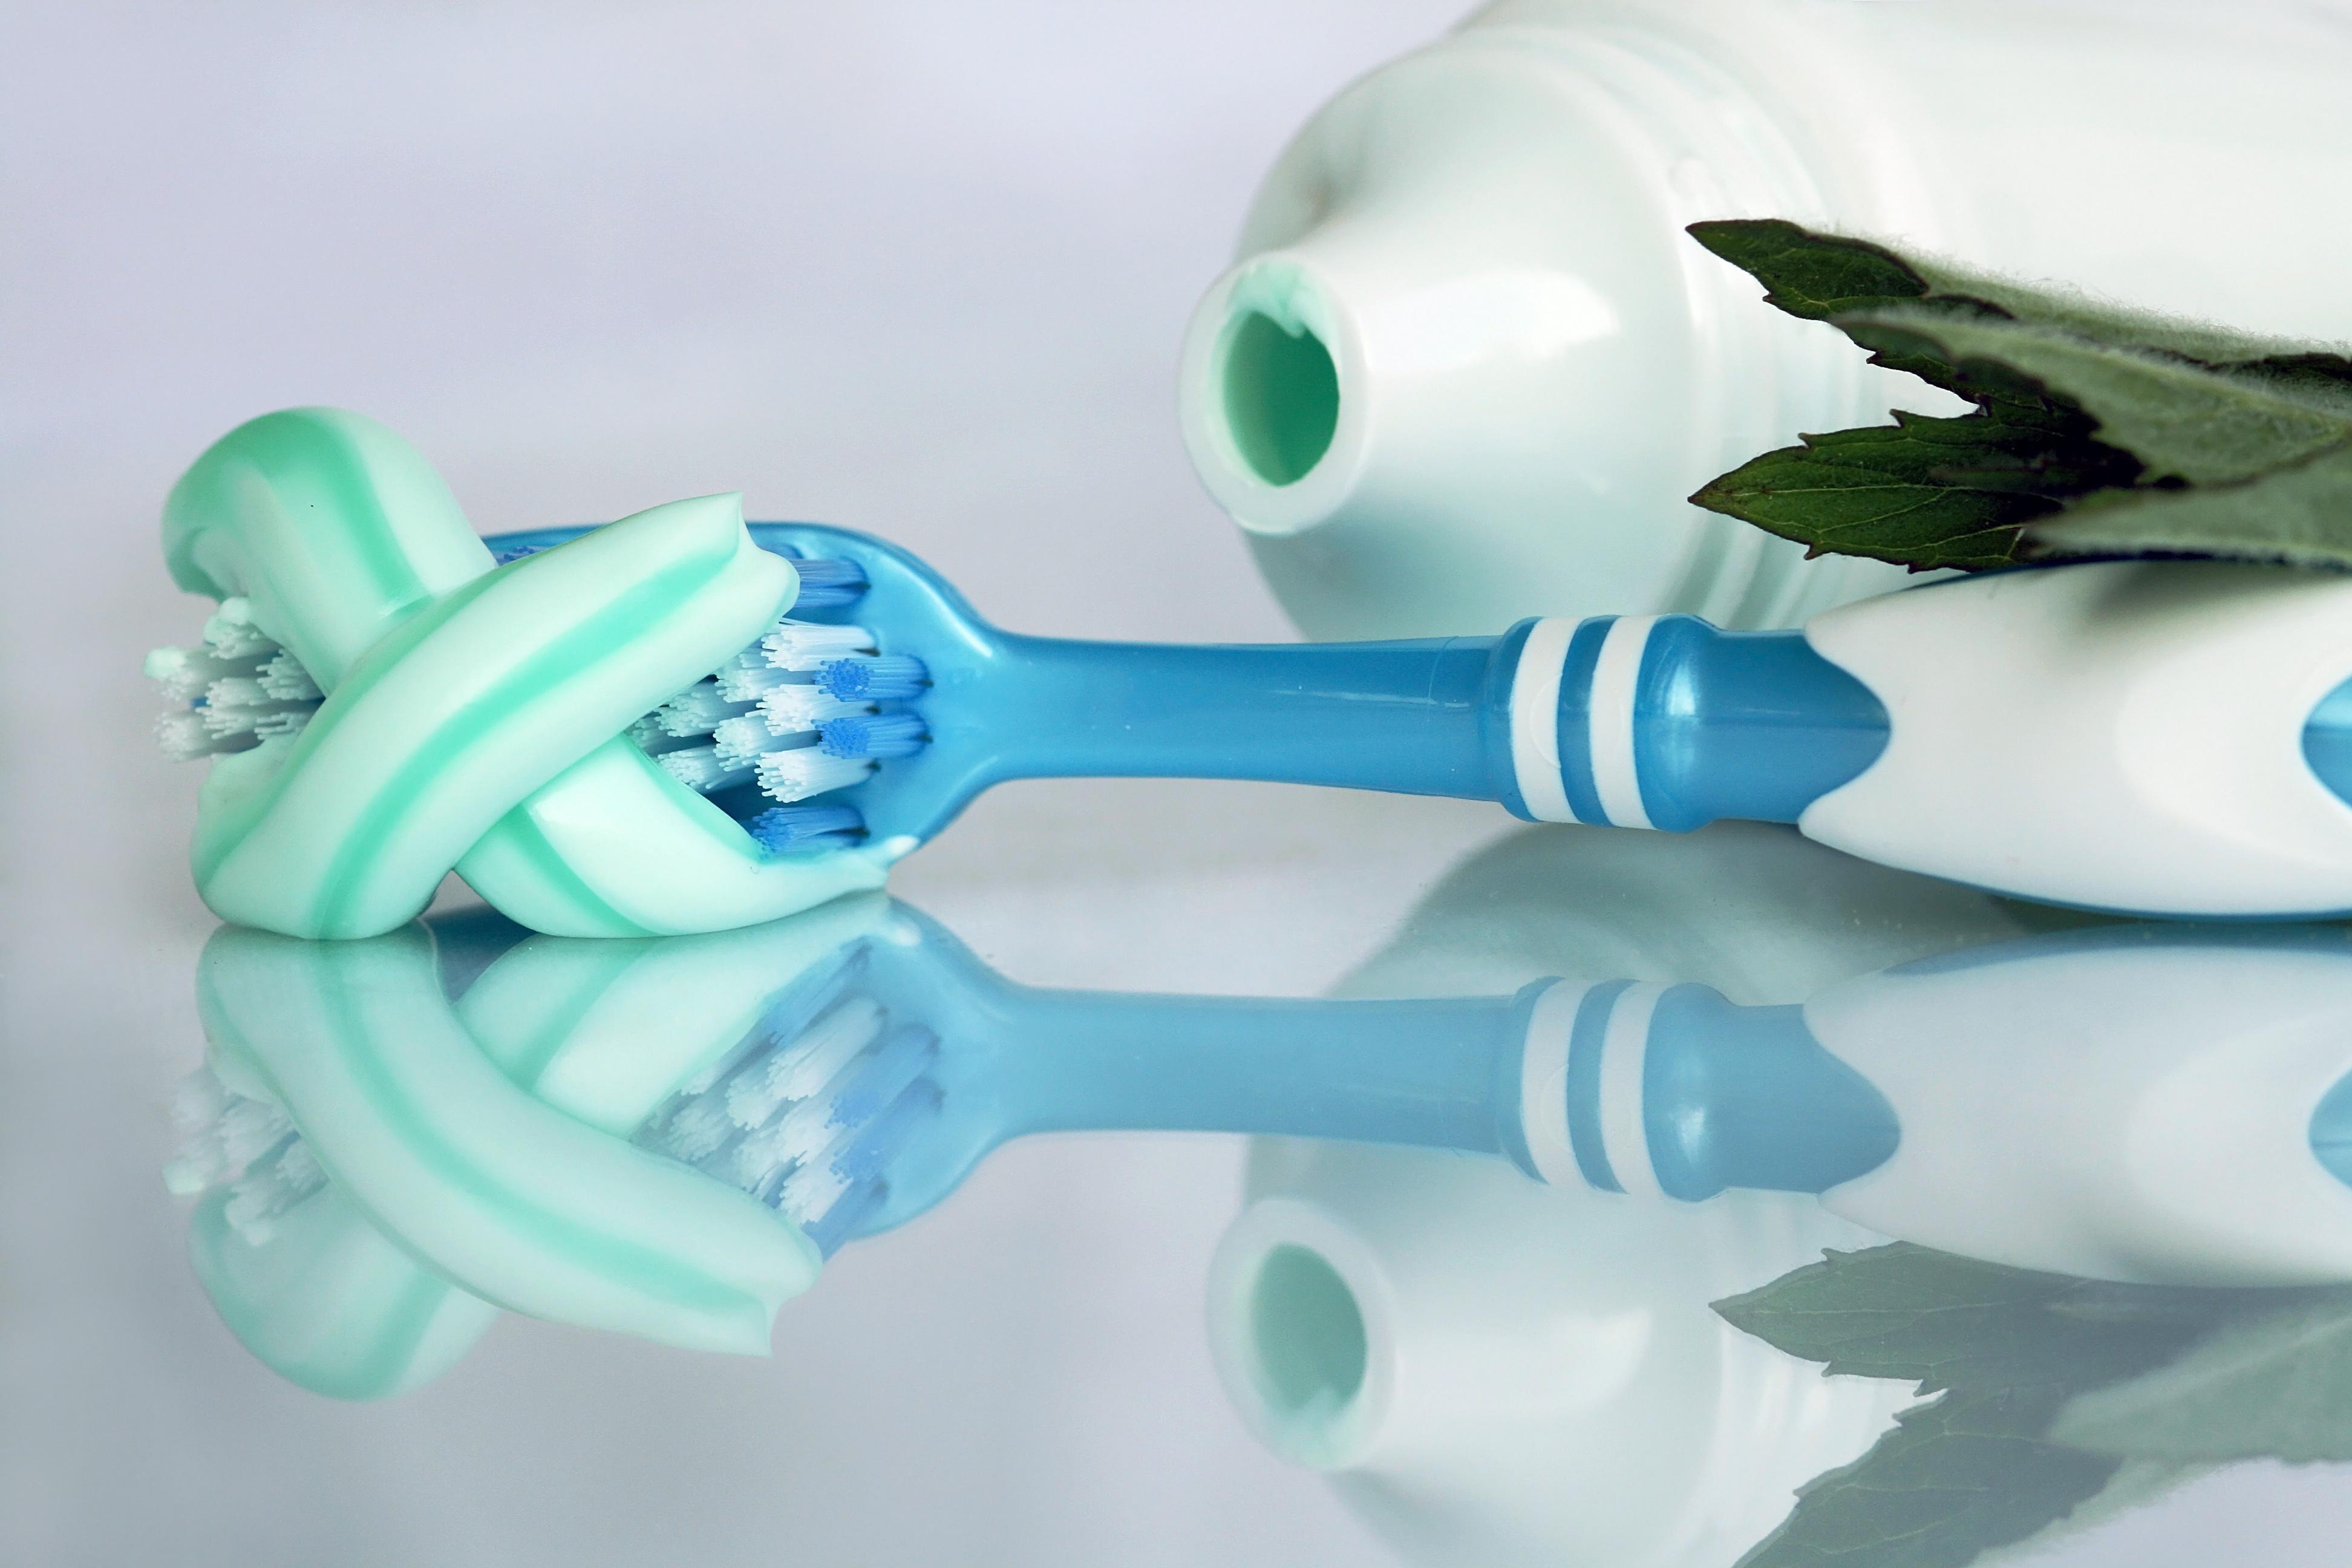 Zahncreme mit Kruter fr gesunde Zhne und gutem Geruch